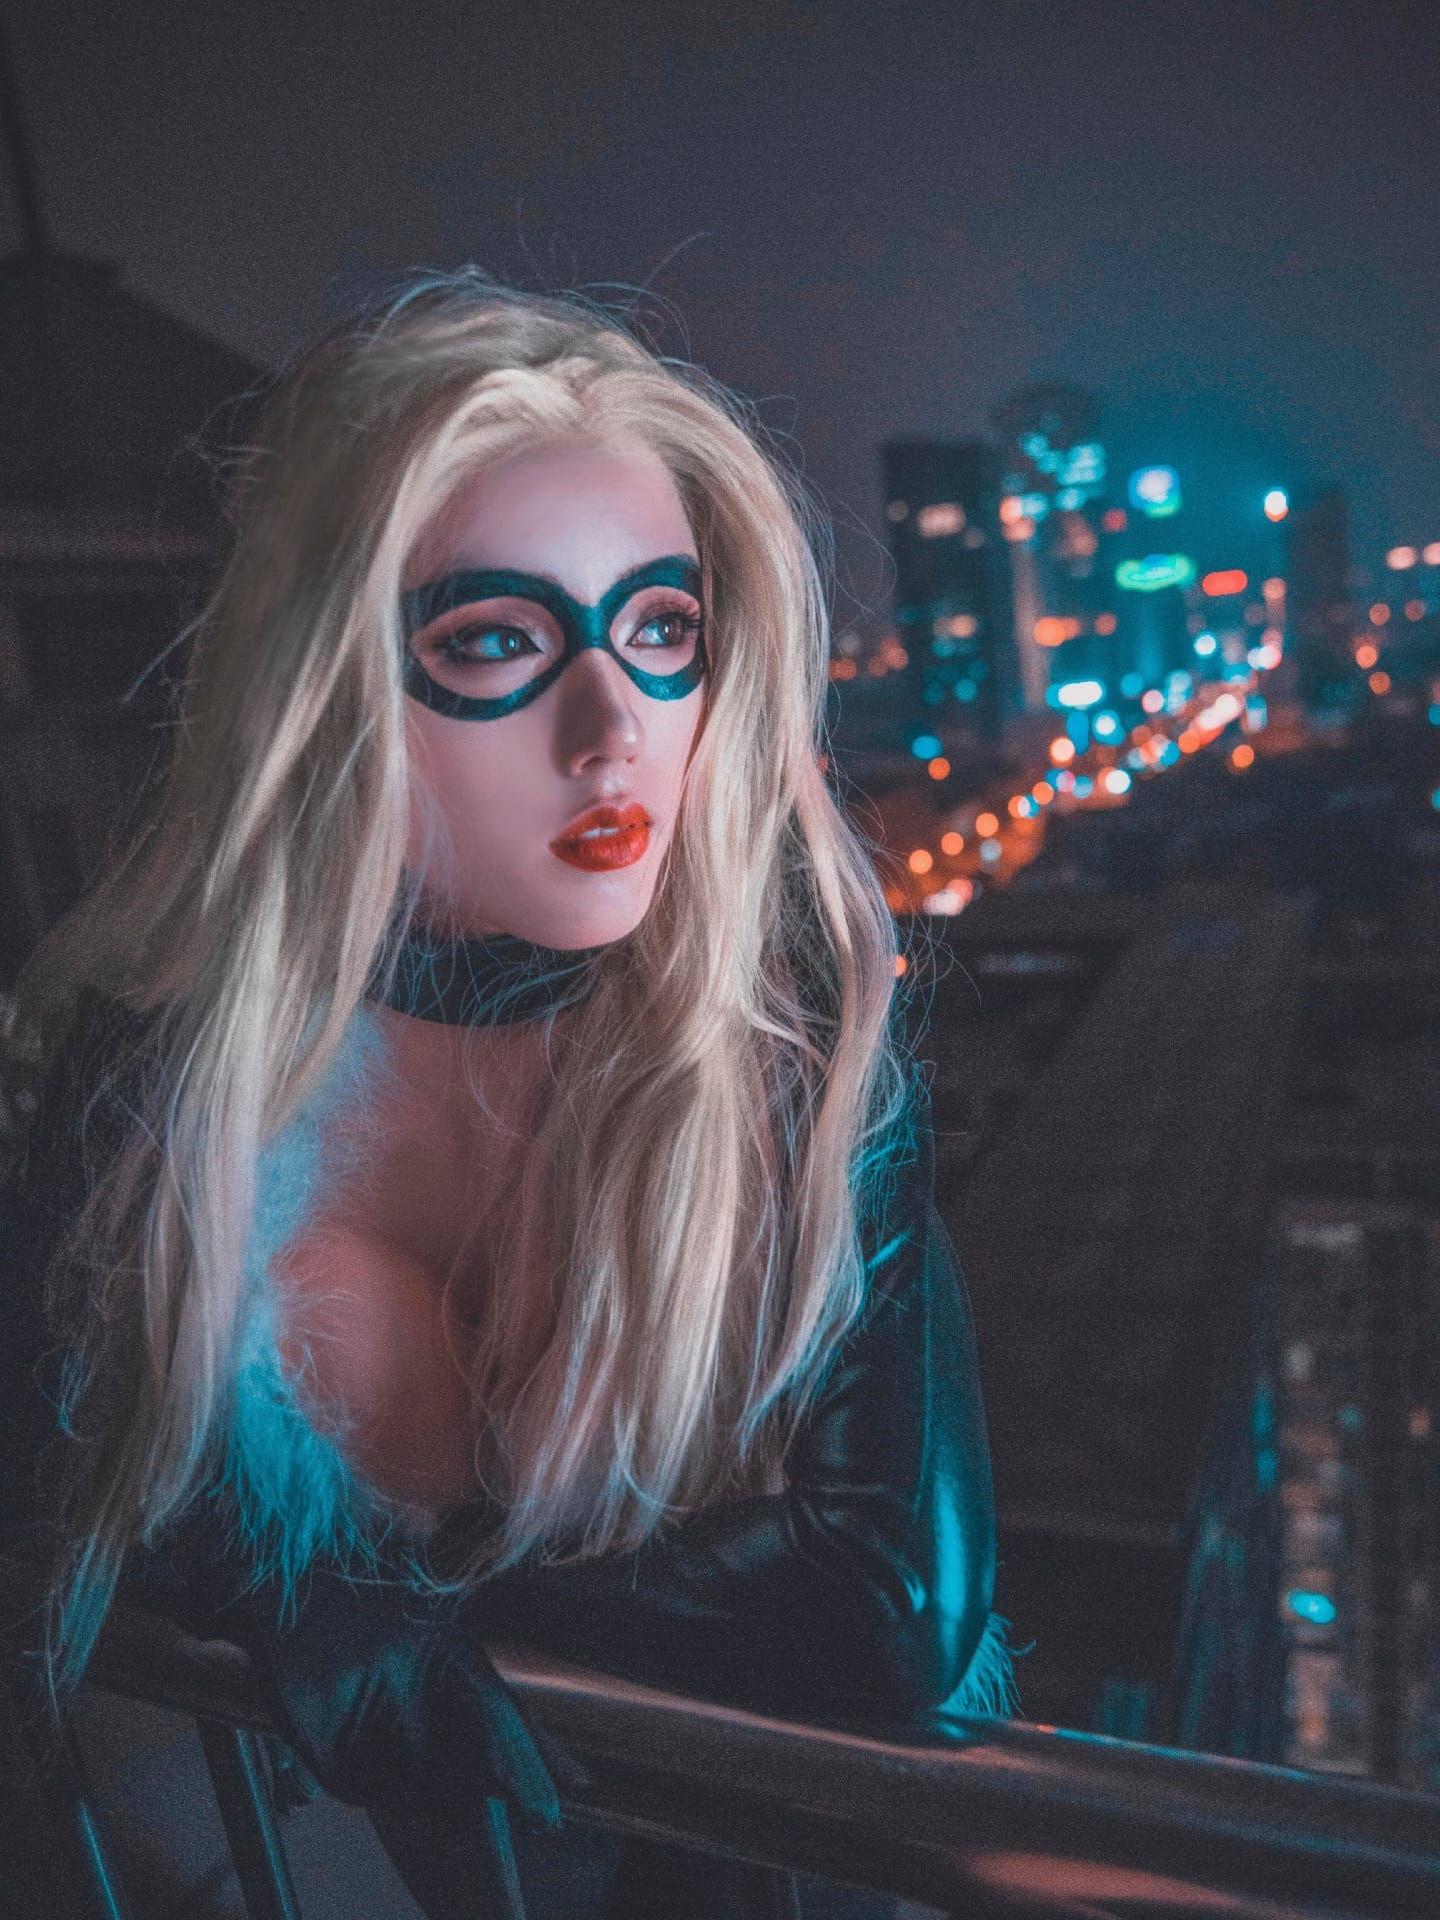 漫威黑猫:菲丽西亚.哈代cosplay插图(7)